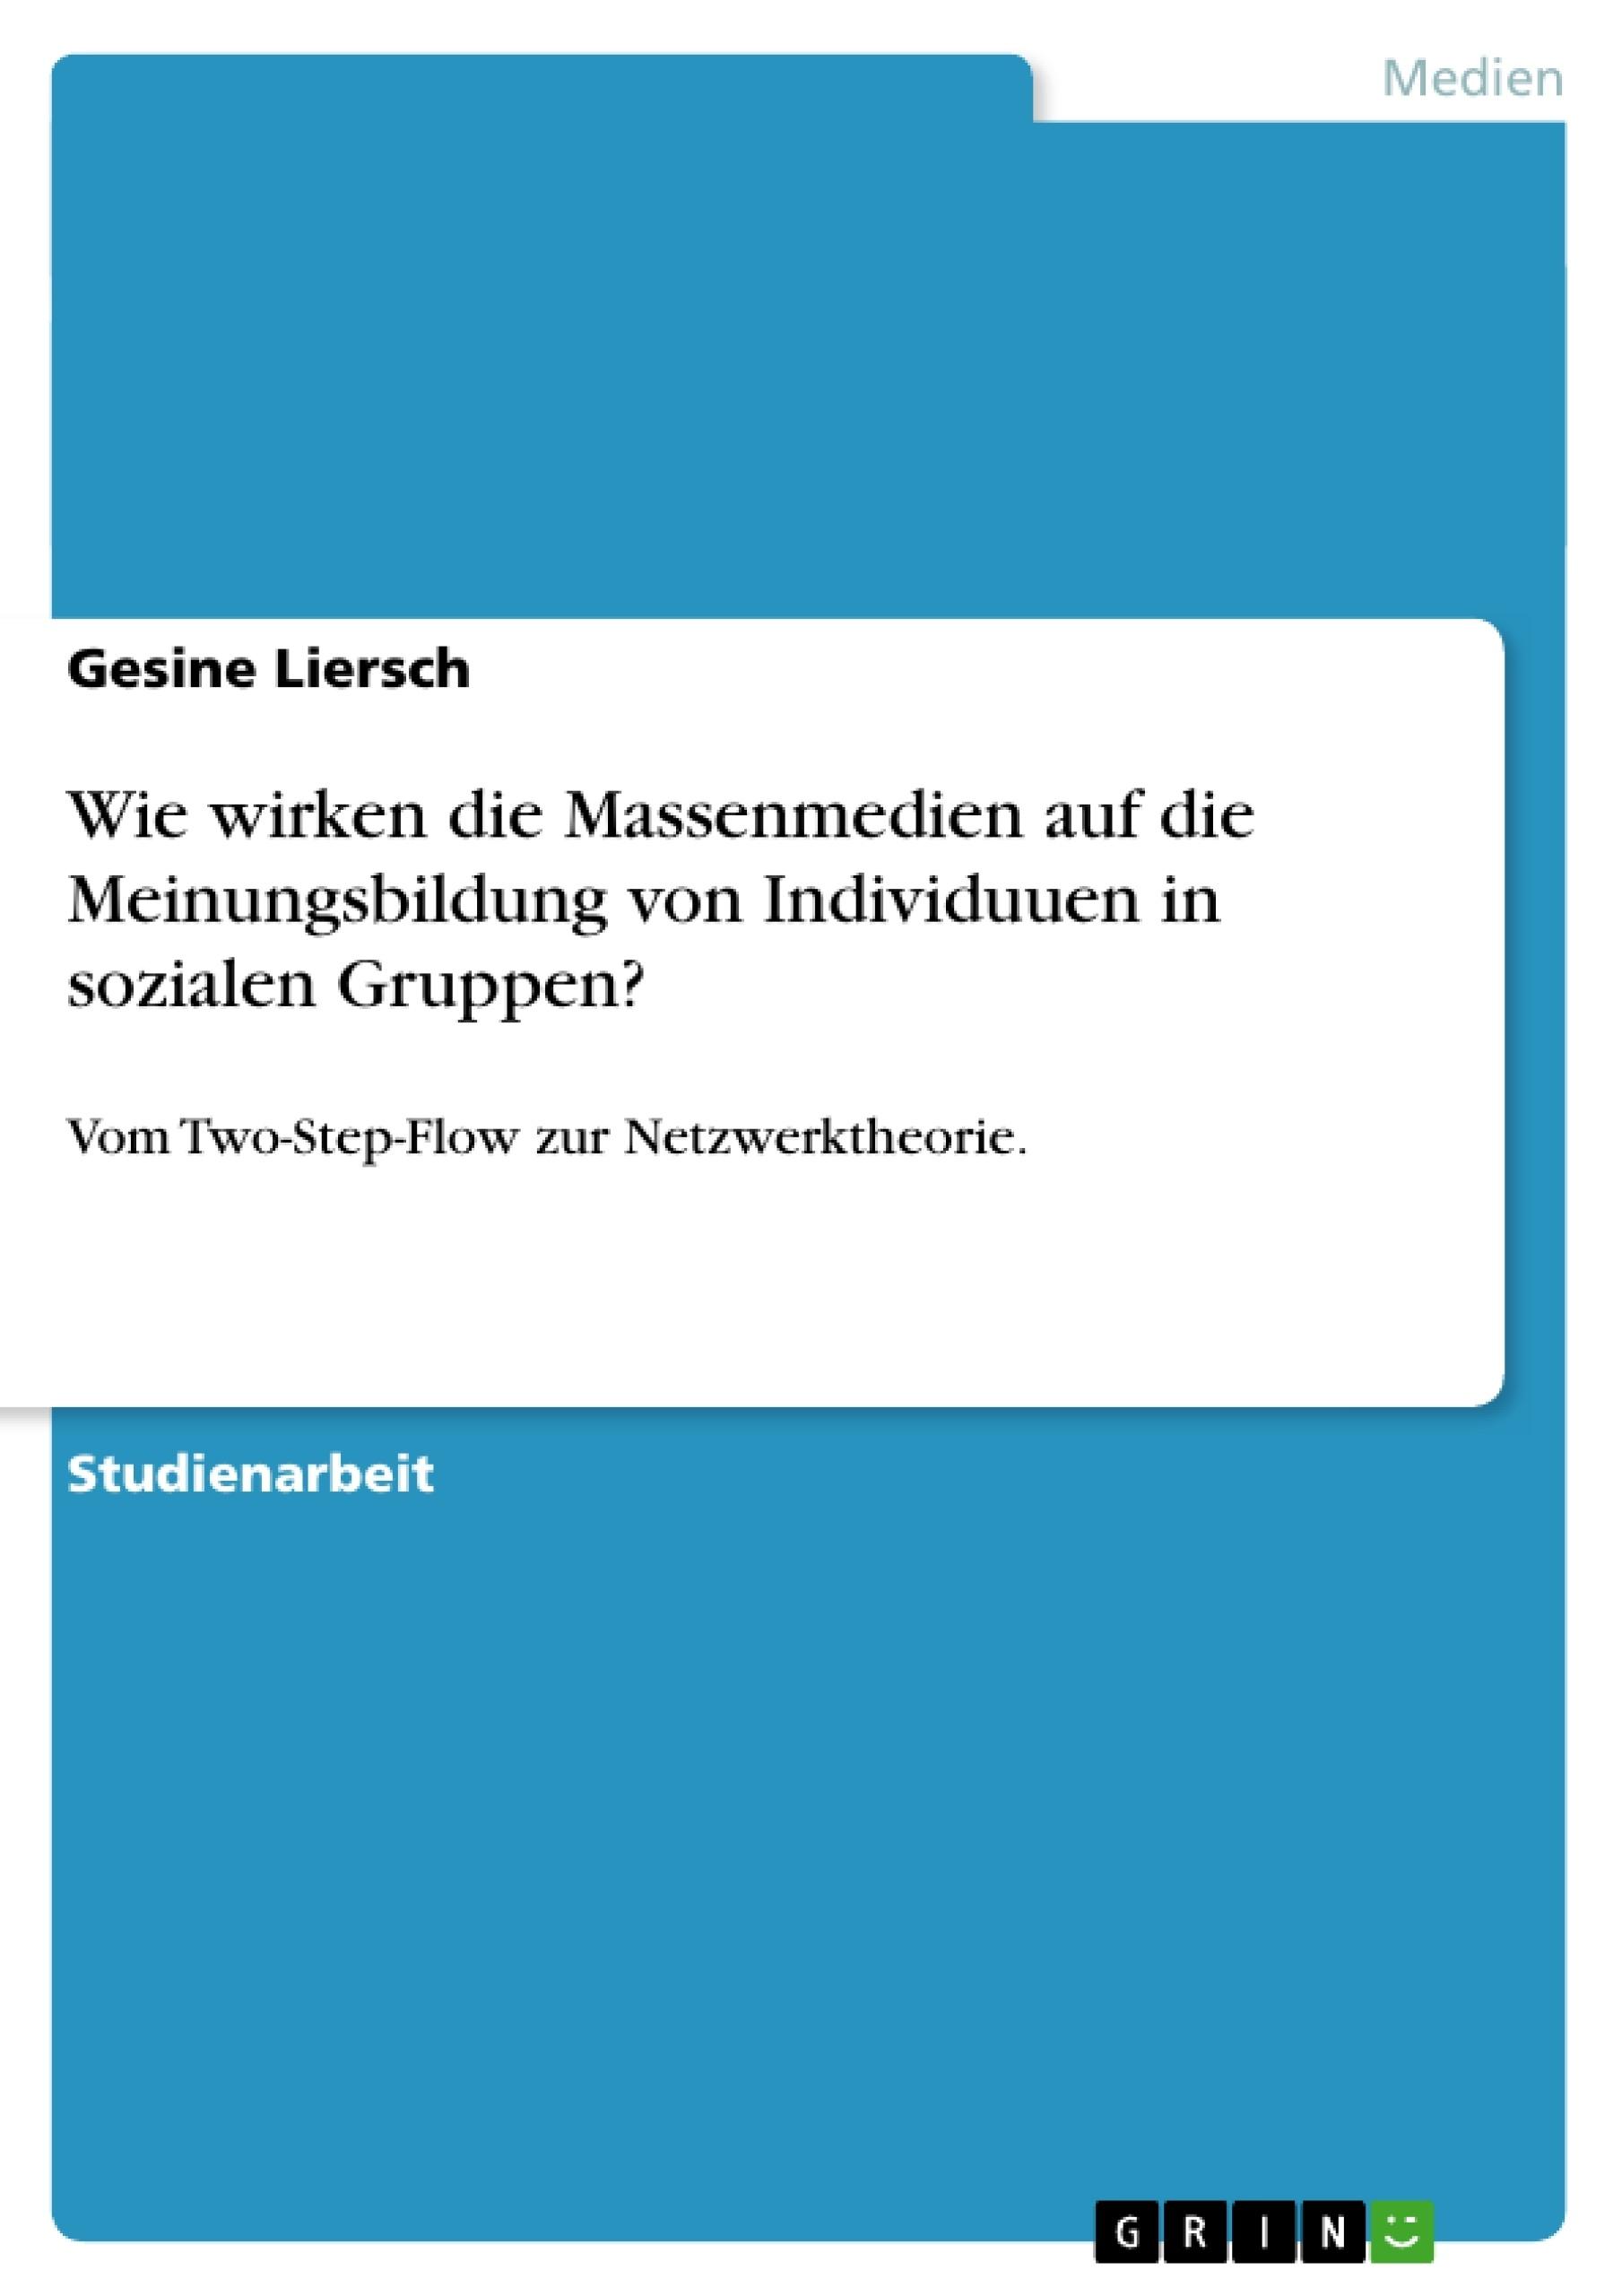 Titel: Wie wirken die Massenmedien auf die Meinungsbildung von Individuuen in sozialen Gruppen?